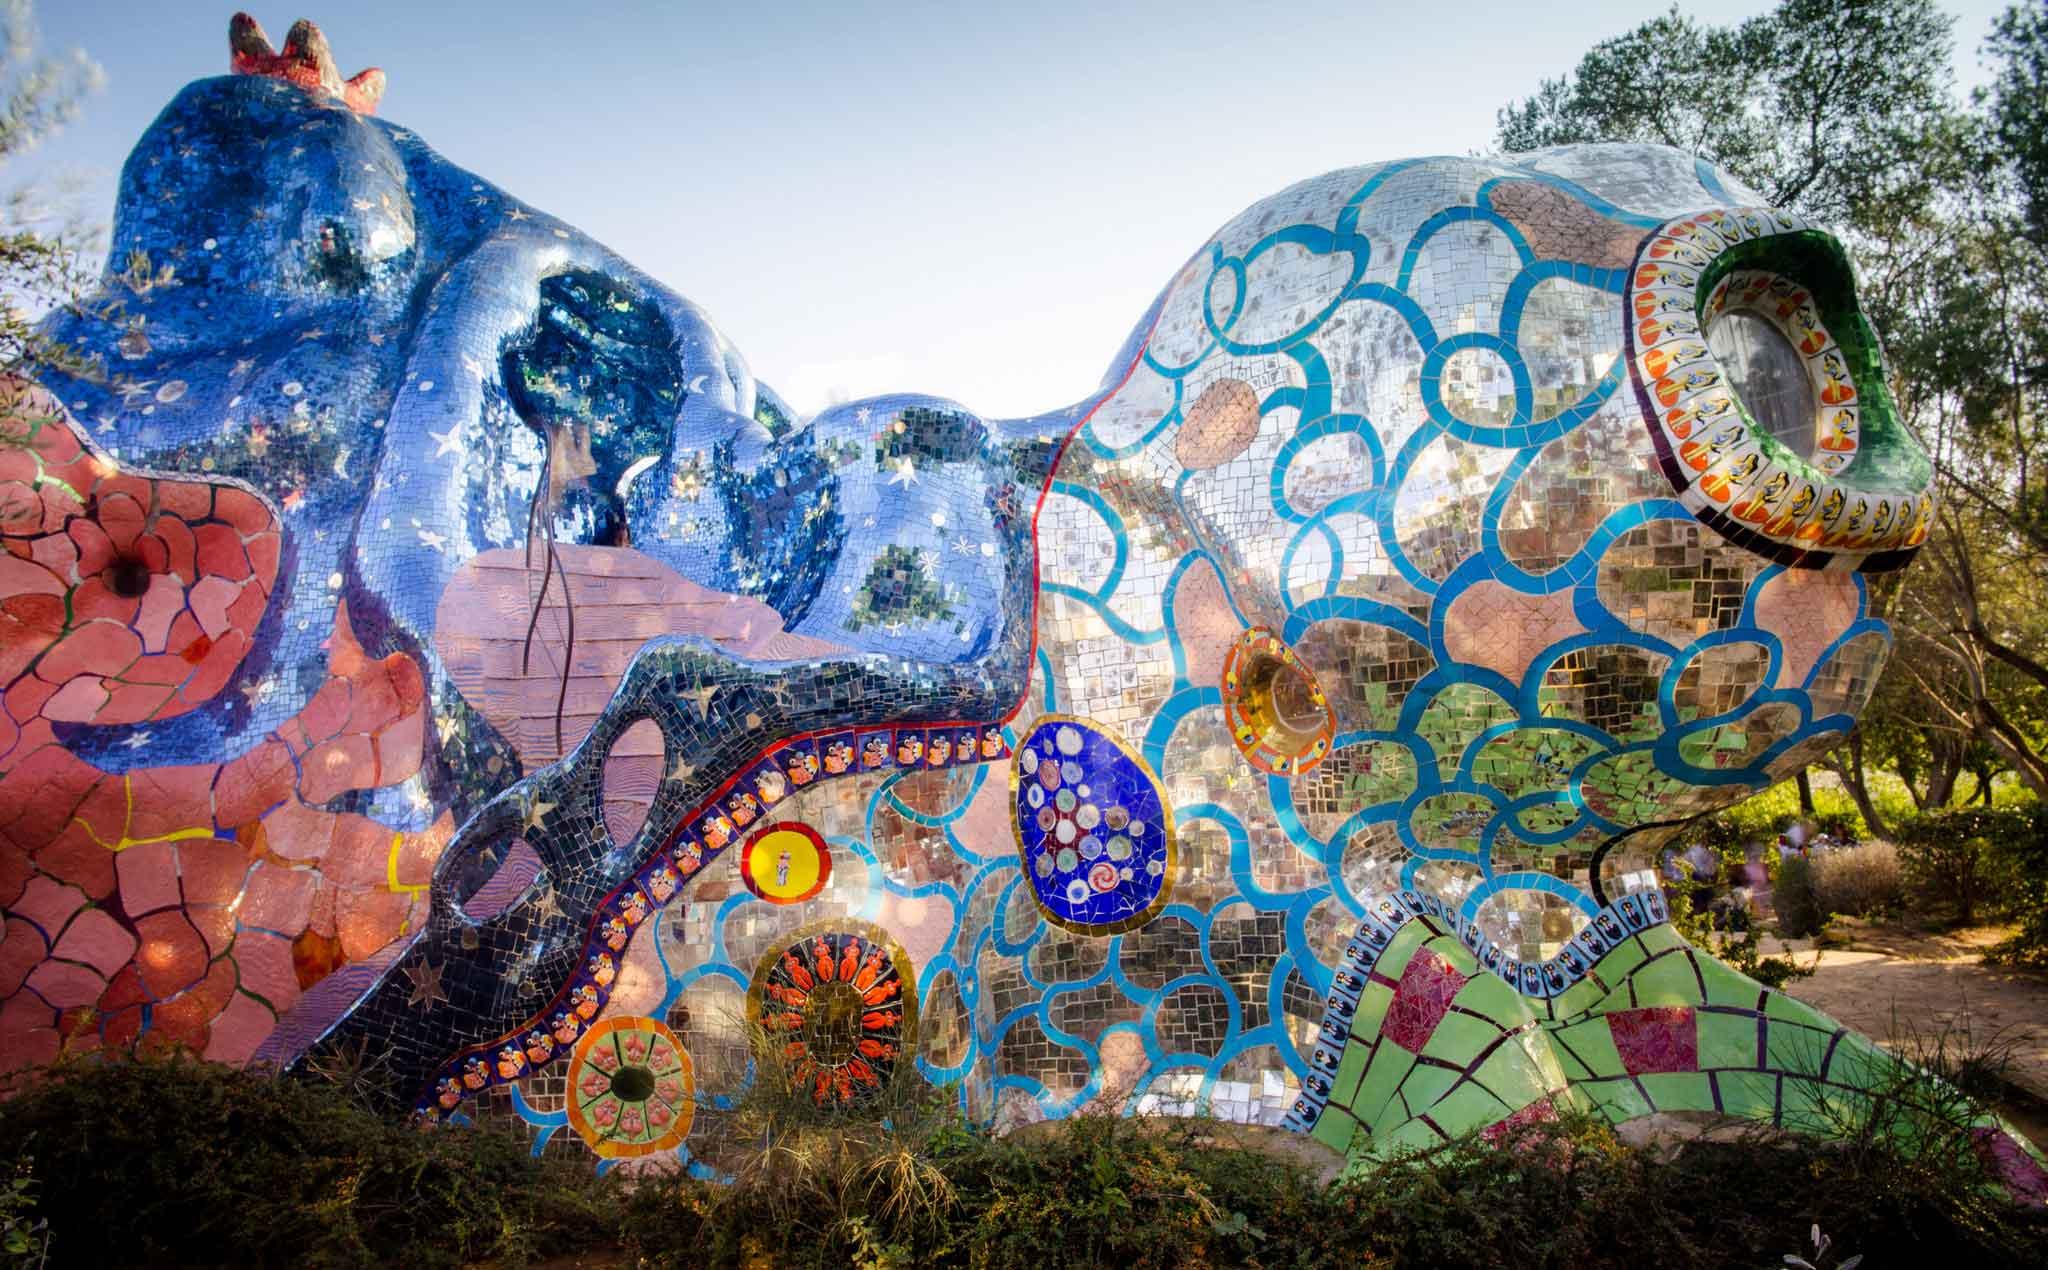 Les 15 jardins de sculptures les plus spectaculaires du monde